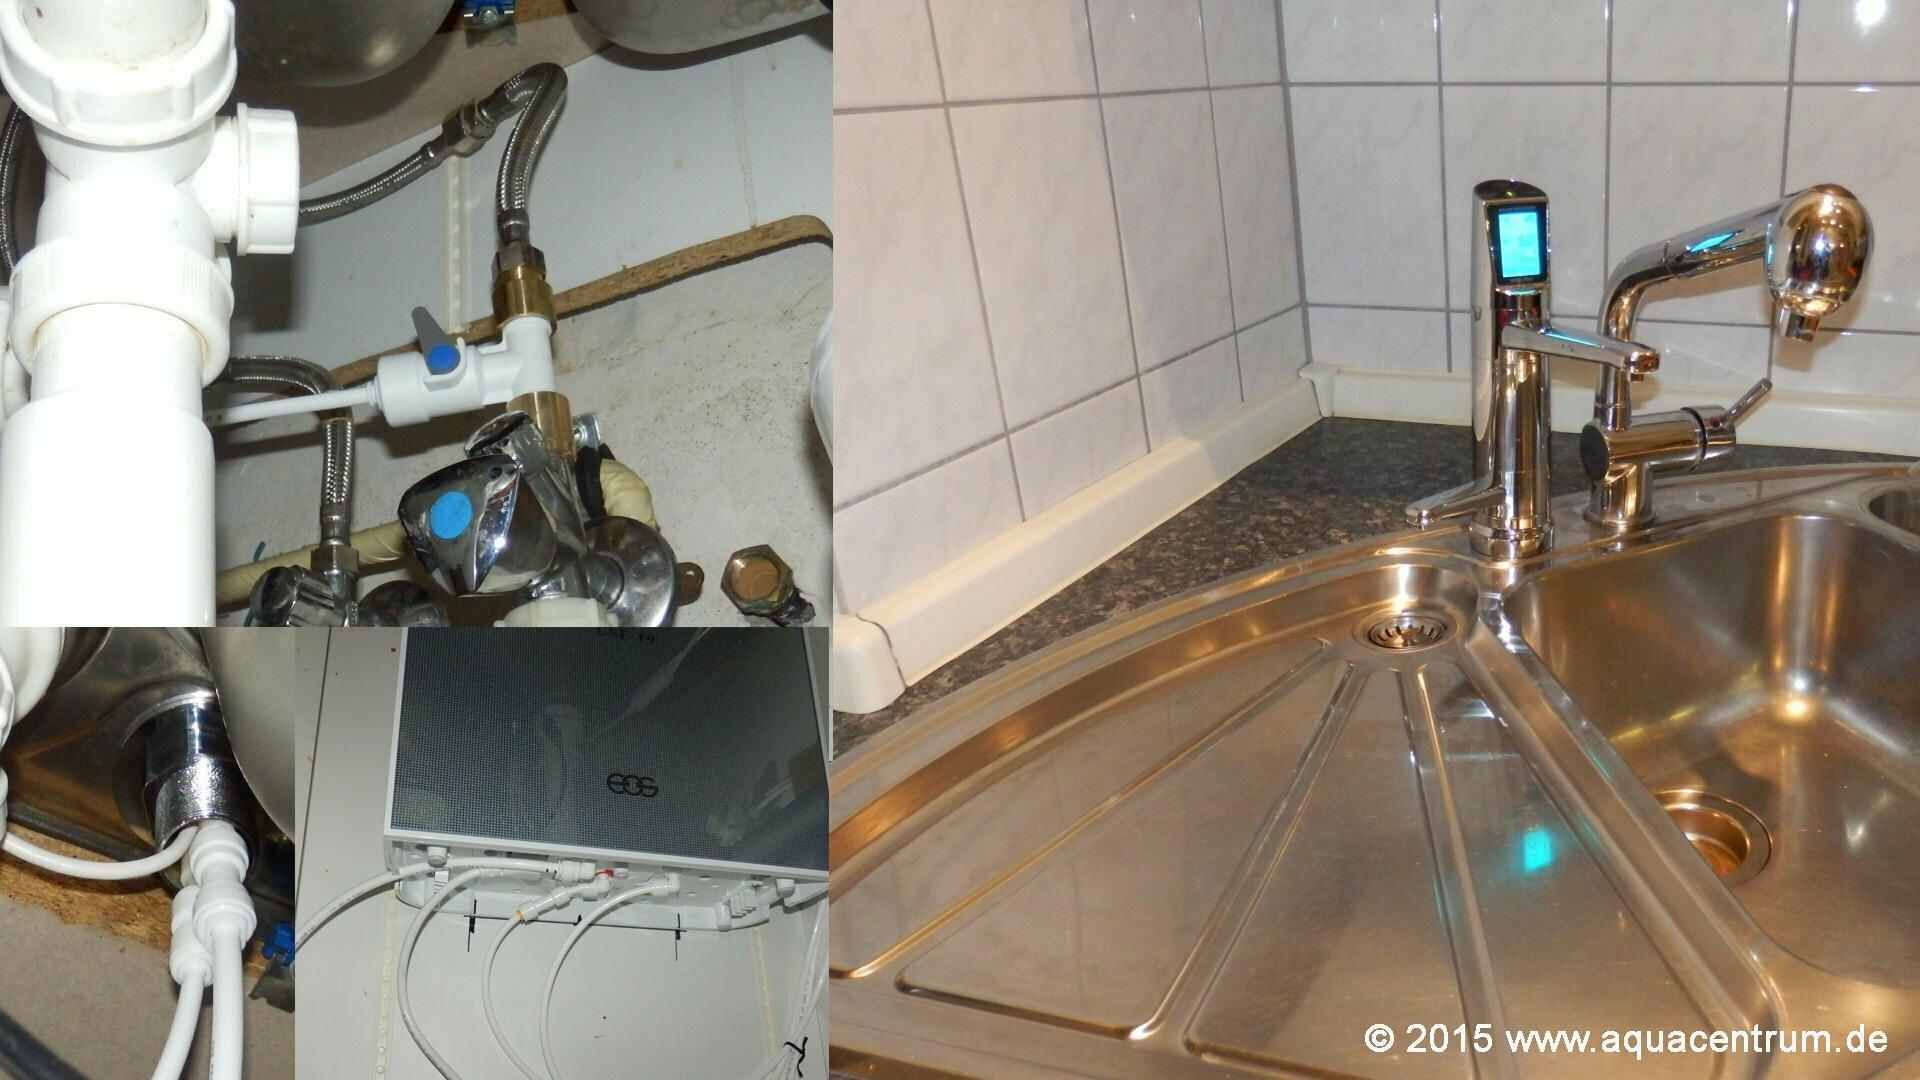 1-Installationsbild EOS Revelation II Wasserionisierer